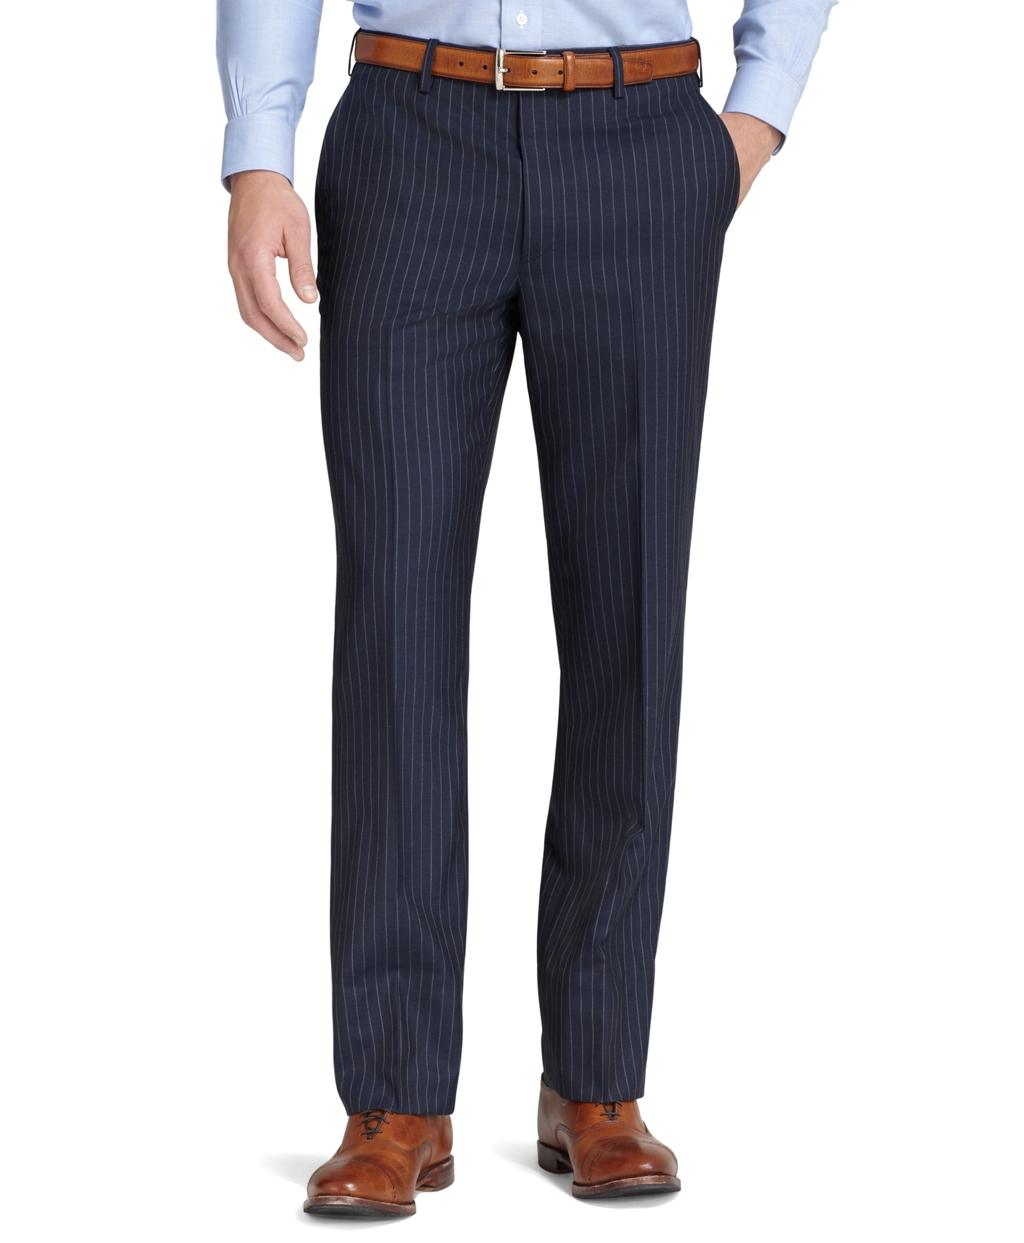 brooks brothers fitzgerald plain chalk stripe suit in blue for men lyst. Black Bedroom Furniture Sets. Home Design Ideas